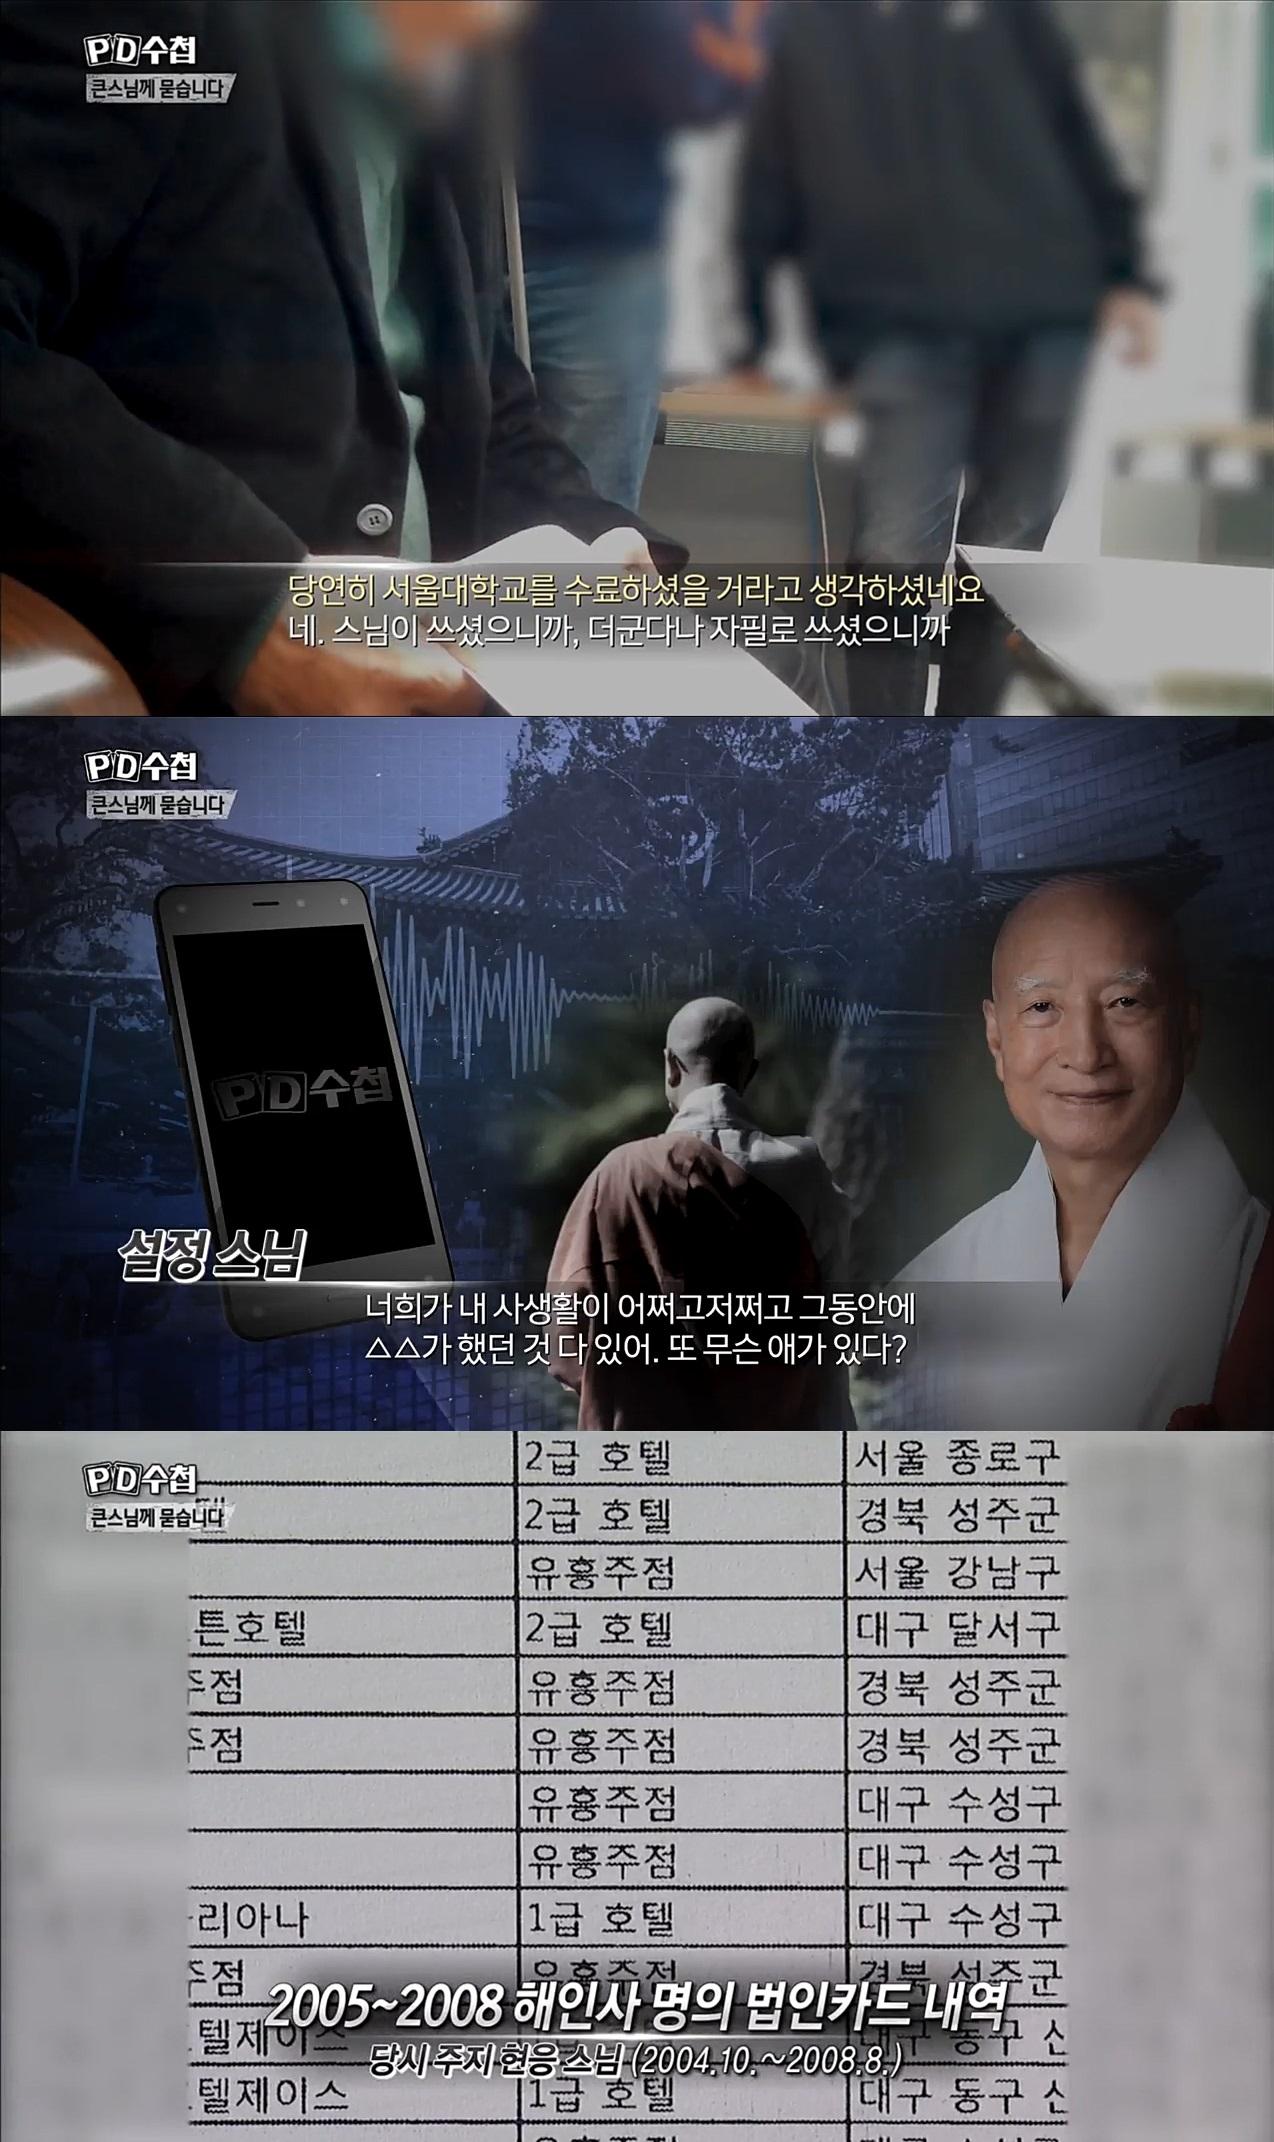 학력위조부터 성폭력 의혹까지… 'PD수첩'이 설정 스님-현응 스님에게 묻습니다